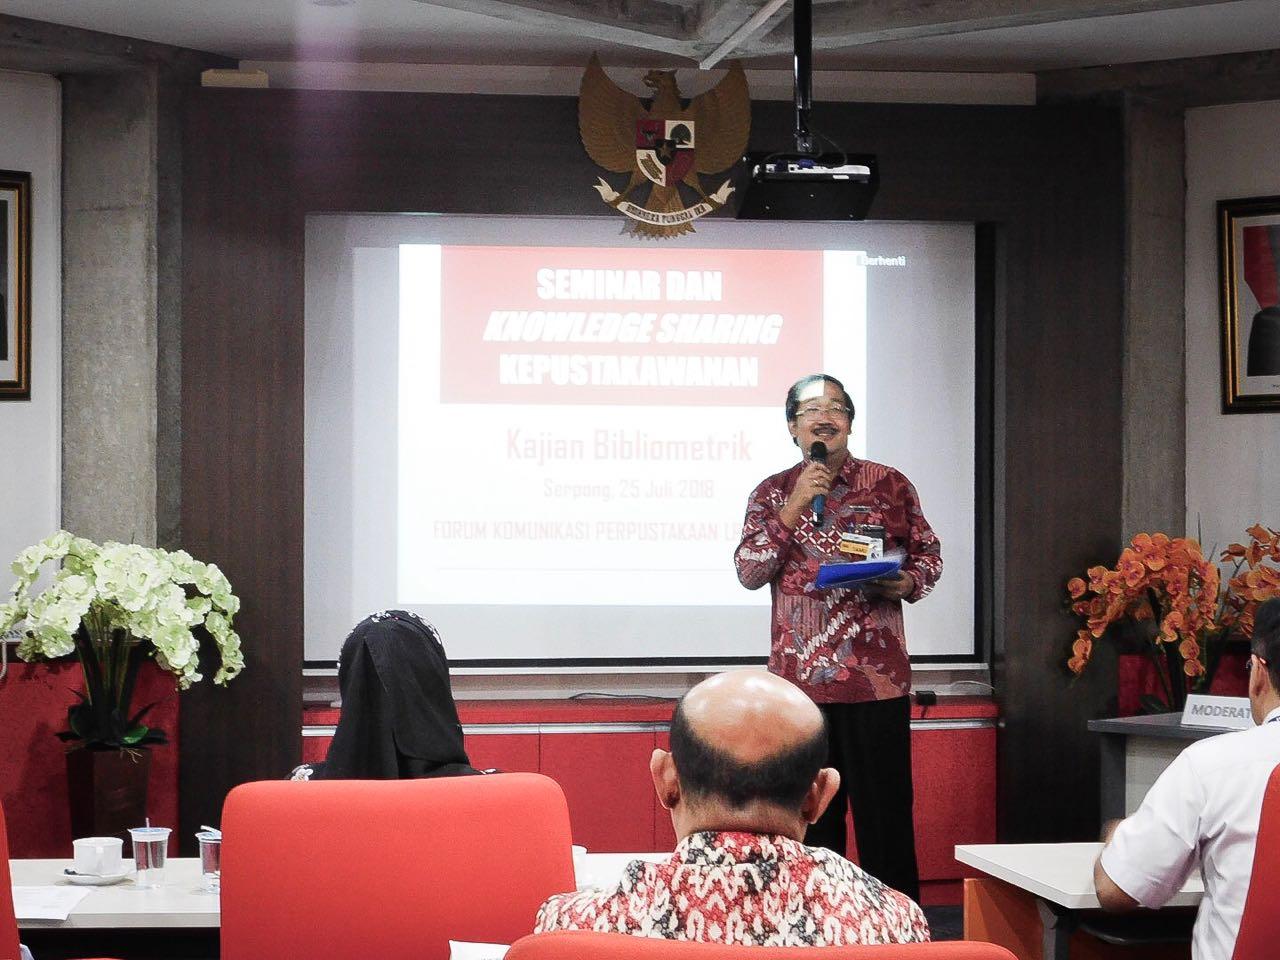 Kepala Pusat Informasi dan Dokumentasi Standardisasi, selaku Koordinator Forum memberikan sambutan